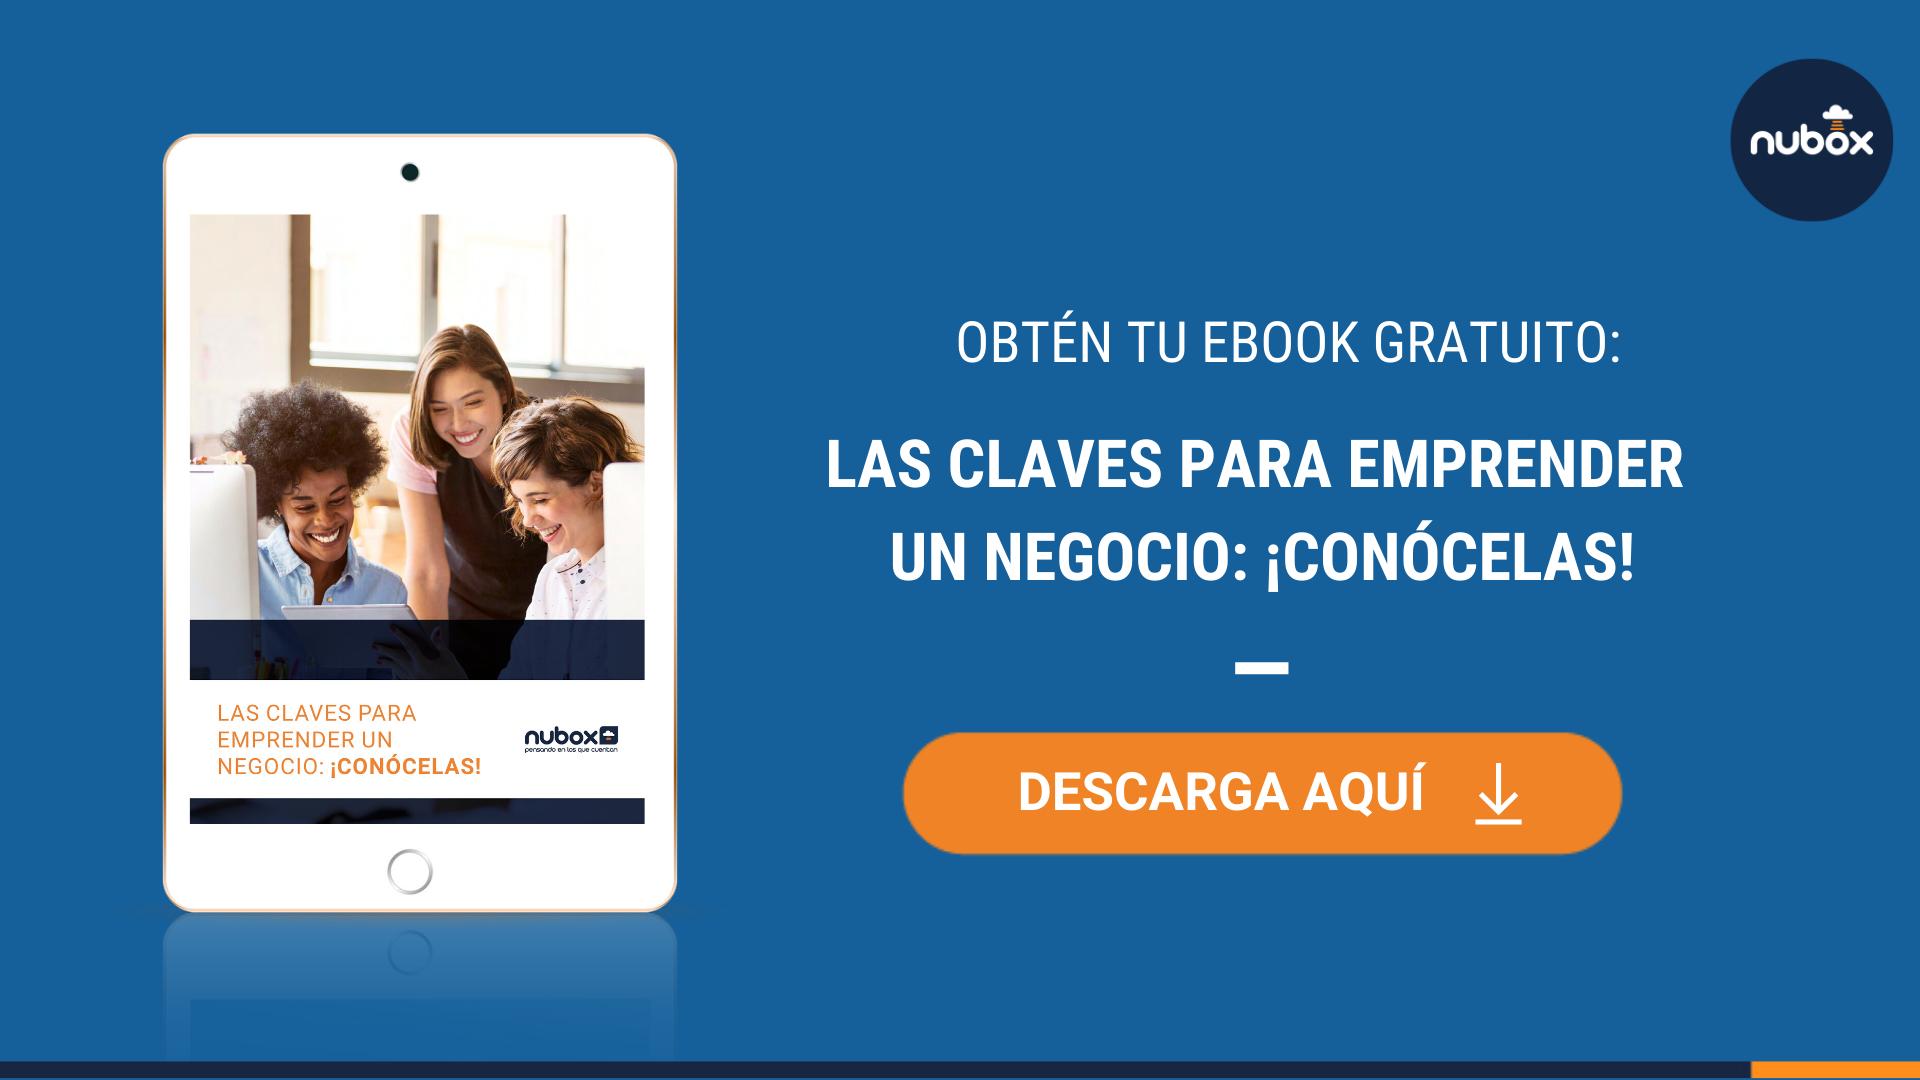 [Ebook Gratuito] Las claves para emprender un negocio: ¡Conócelas!